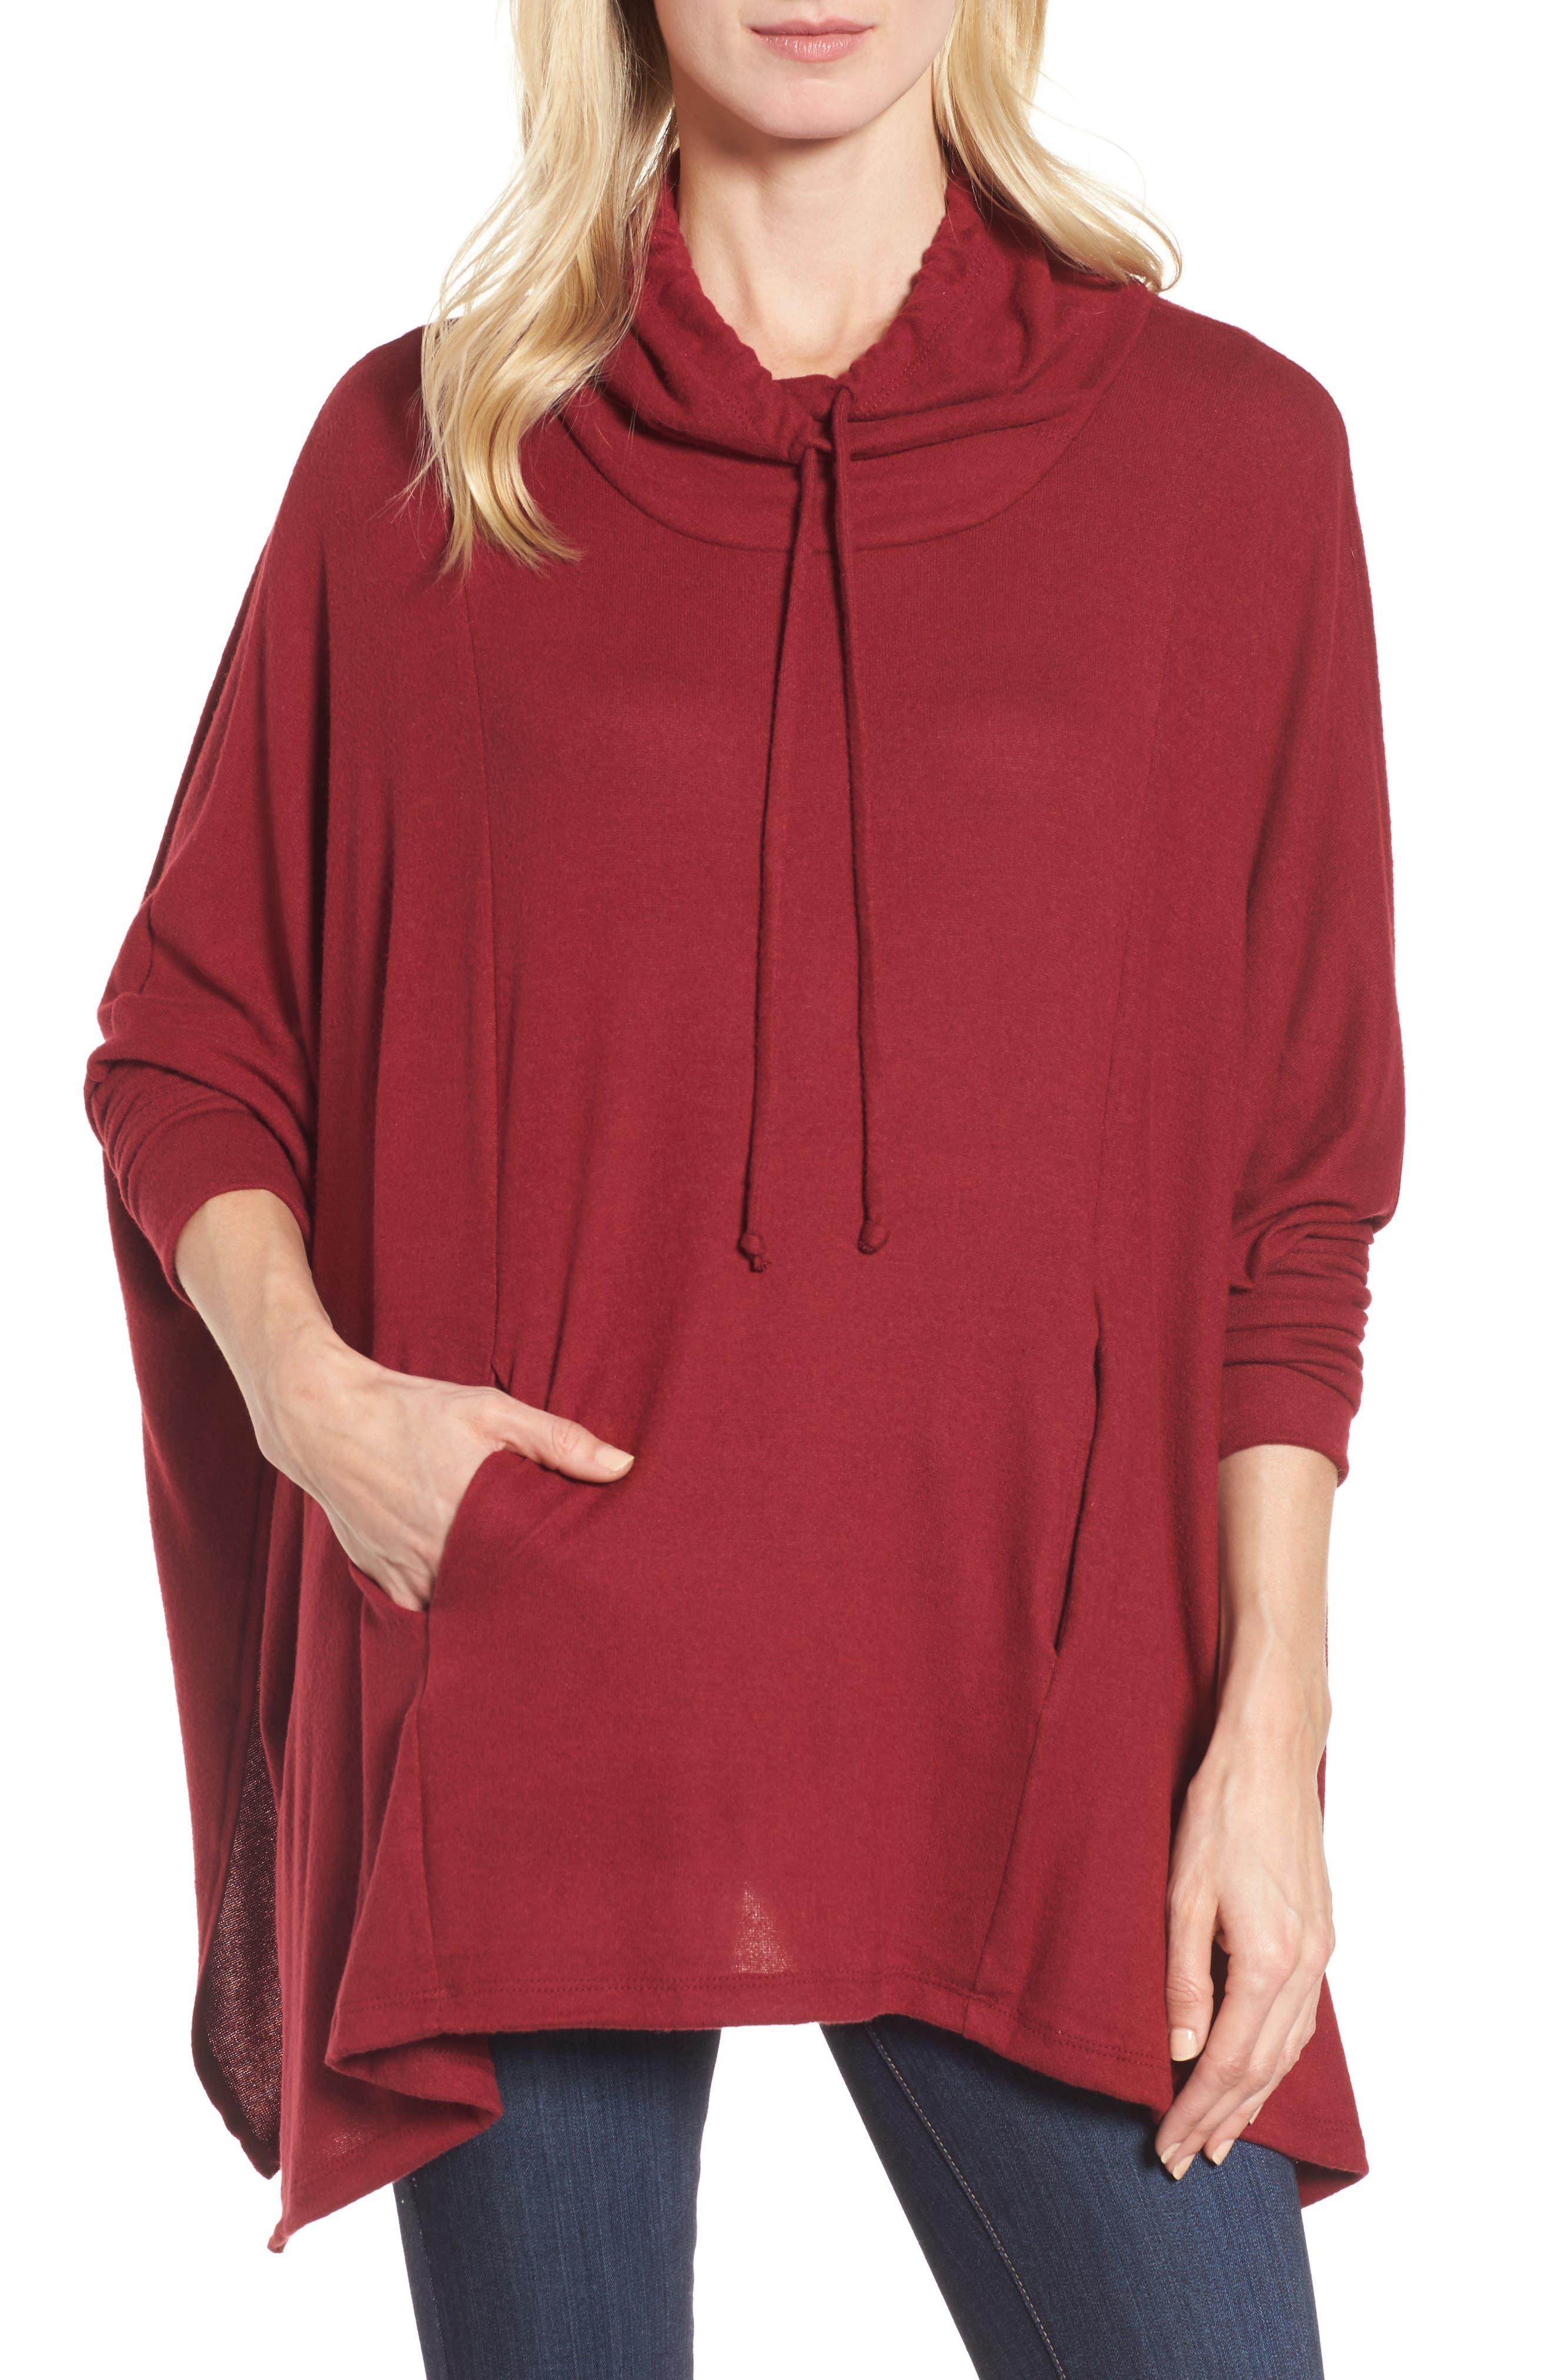 Caslon® Knit Poncho Top